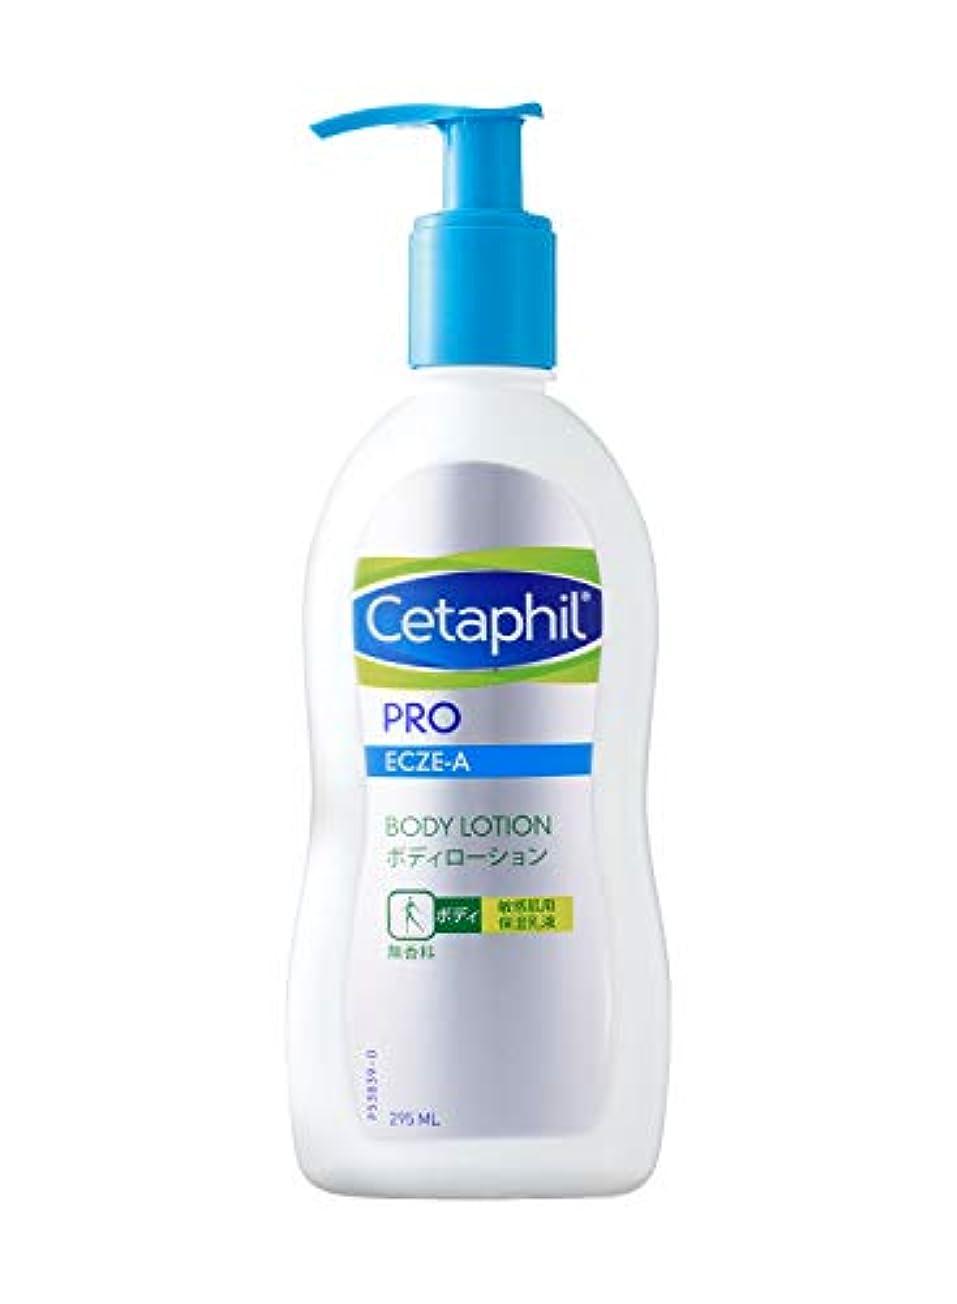 家具舌対角線セタフィル Cetaphil ® PRO ボディローション 295ml (敏感肌用保湿乳液 乾燥肌 敏感肌 低刺激性 保湿乳液 ローション)